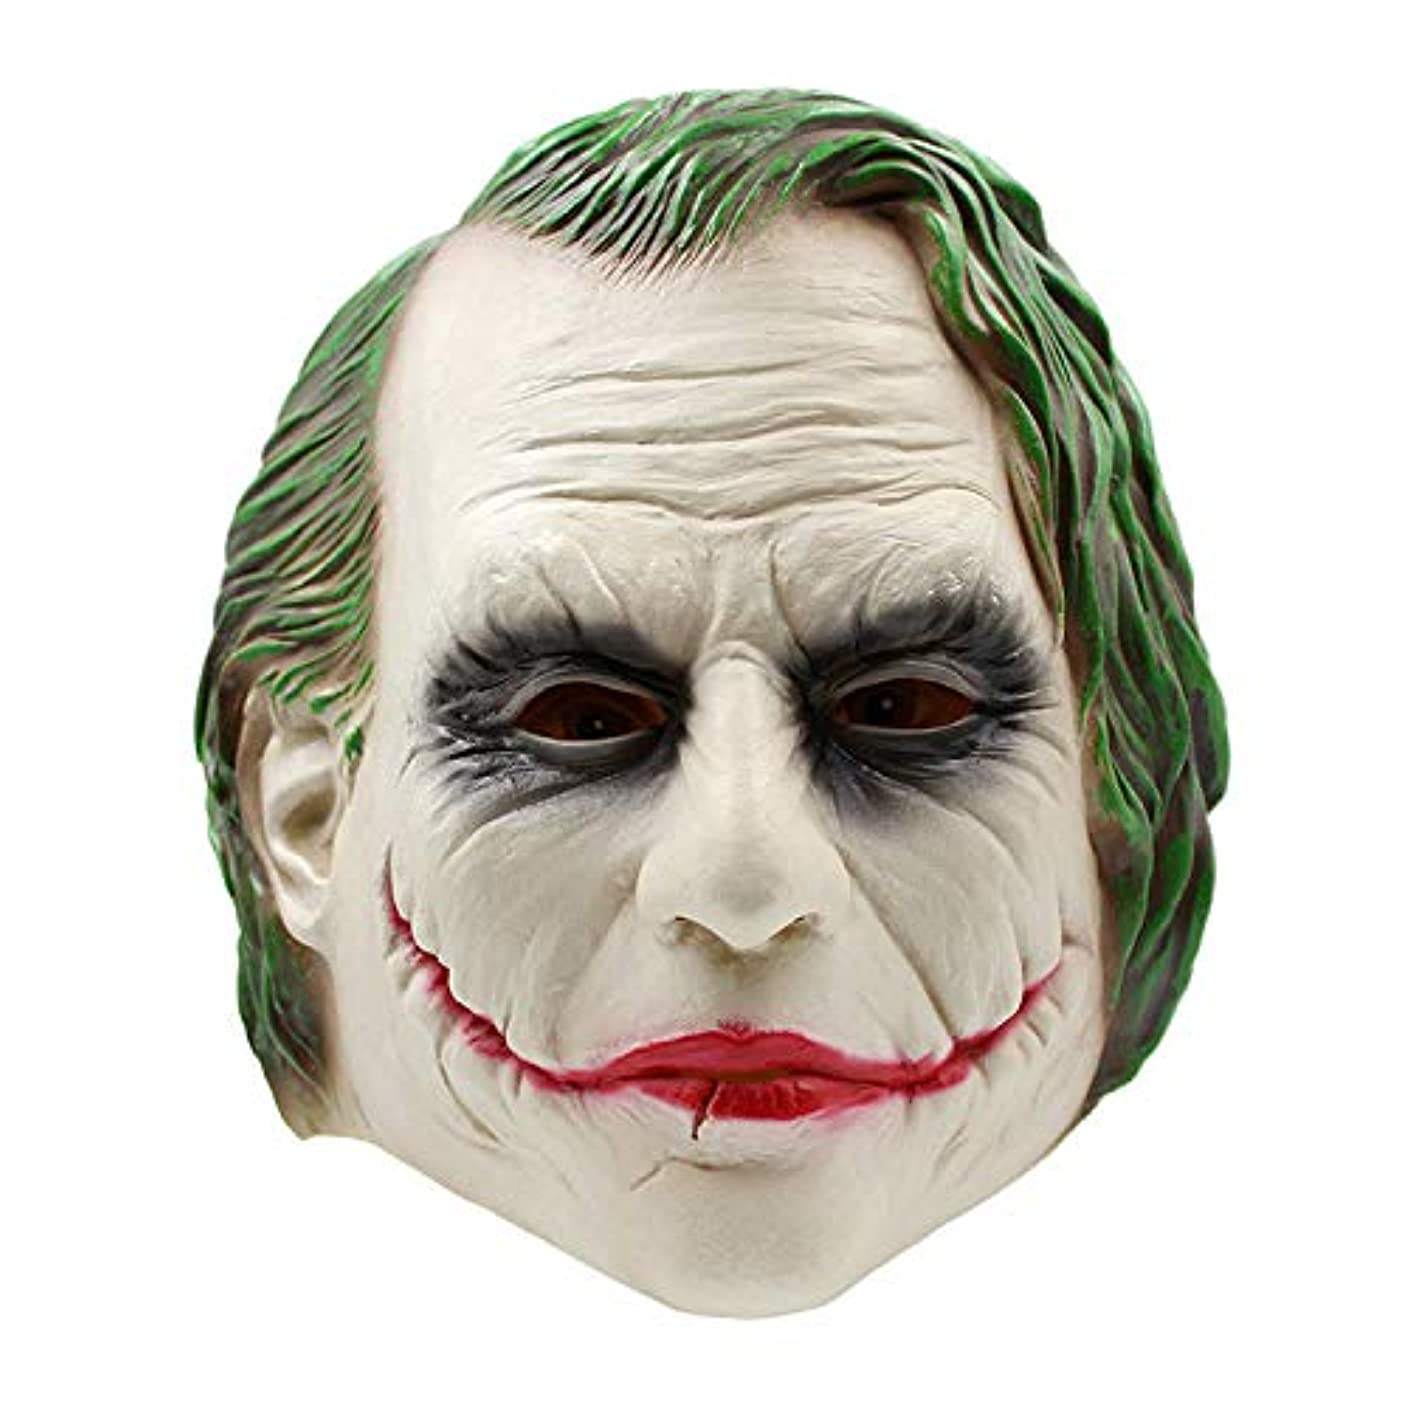 悪党ブランチカカドゥハロウィーンピエロマスクラテックスヘッドカバーダークナイトマスク